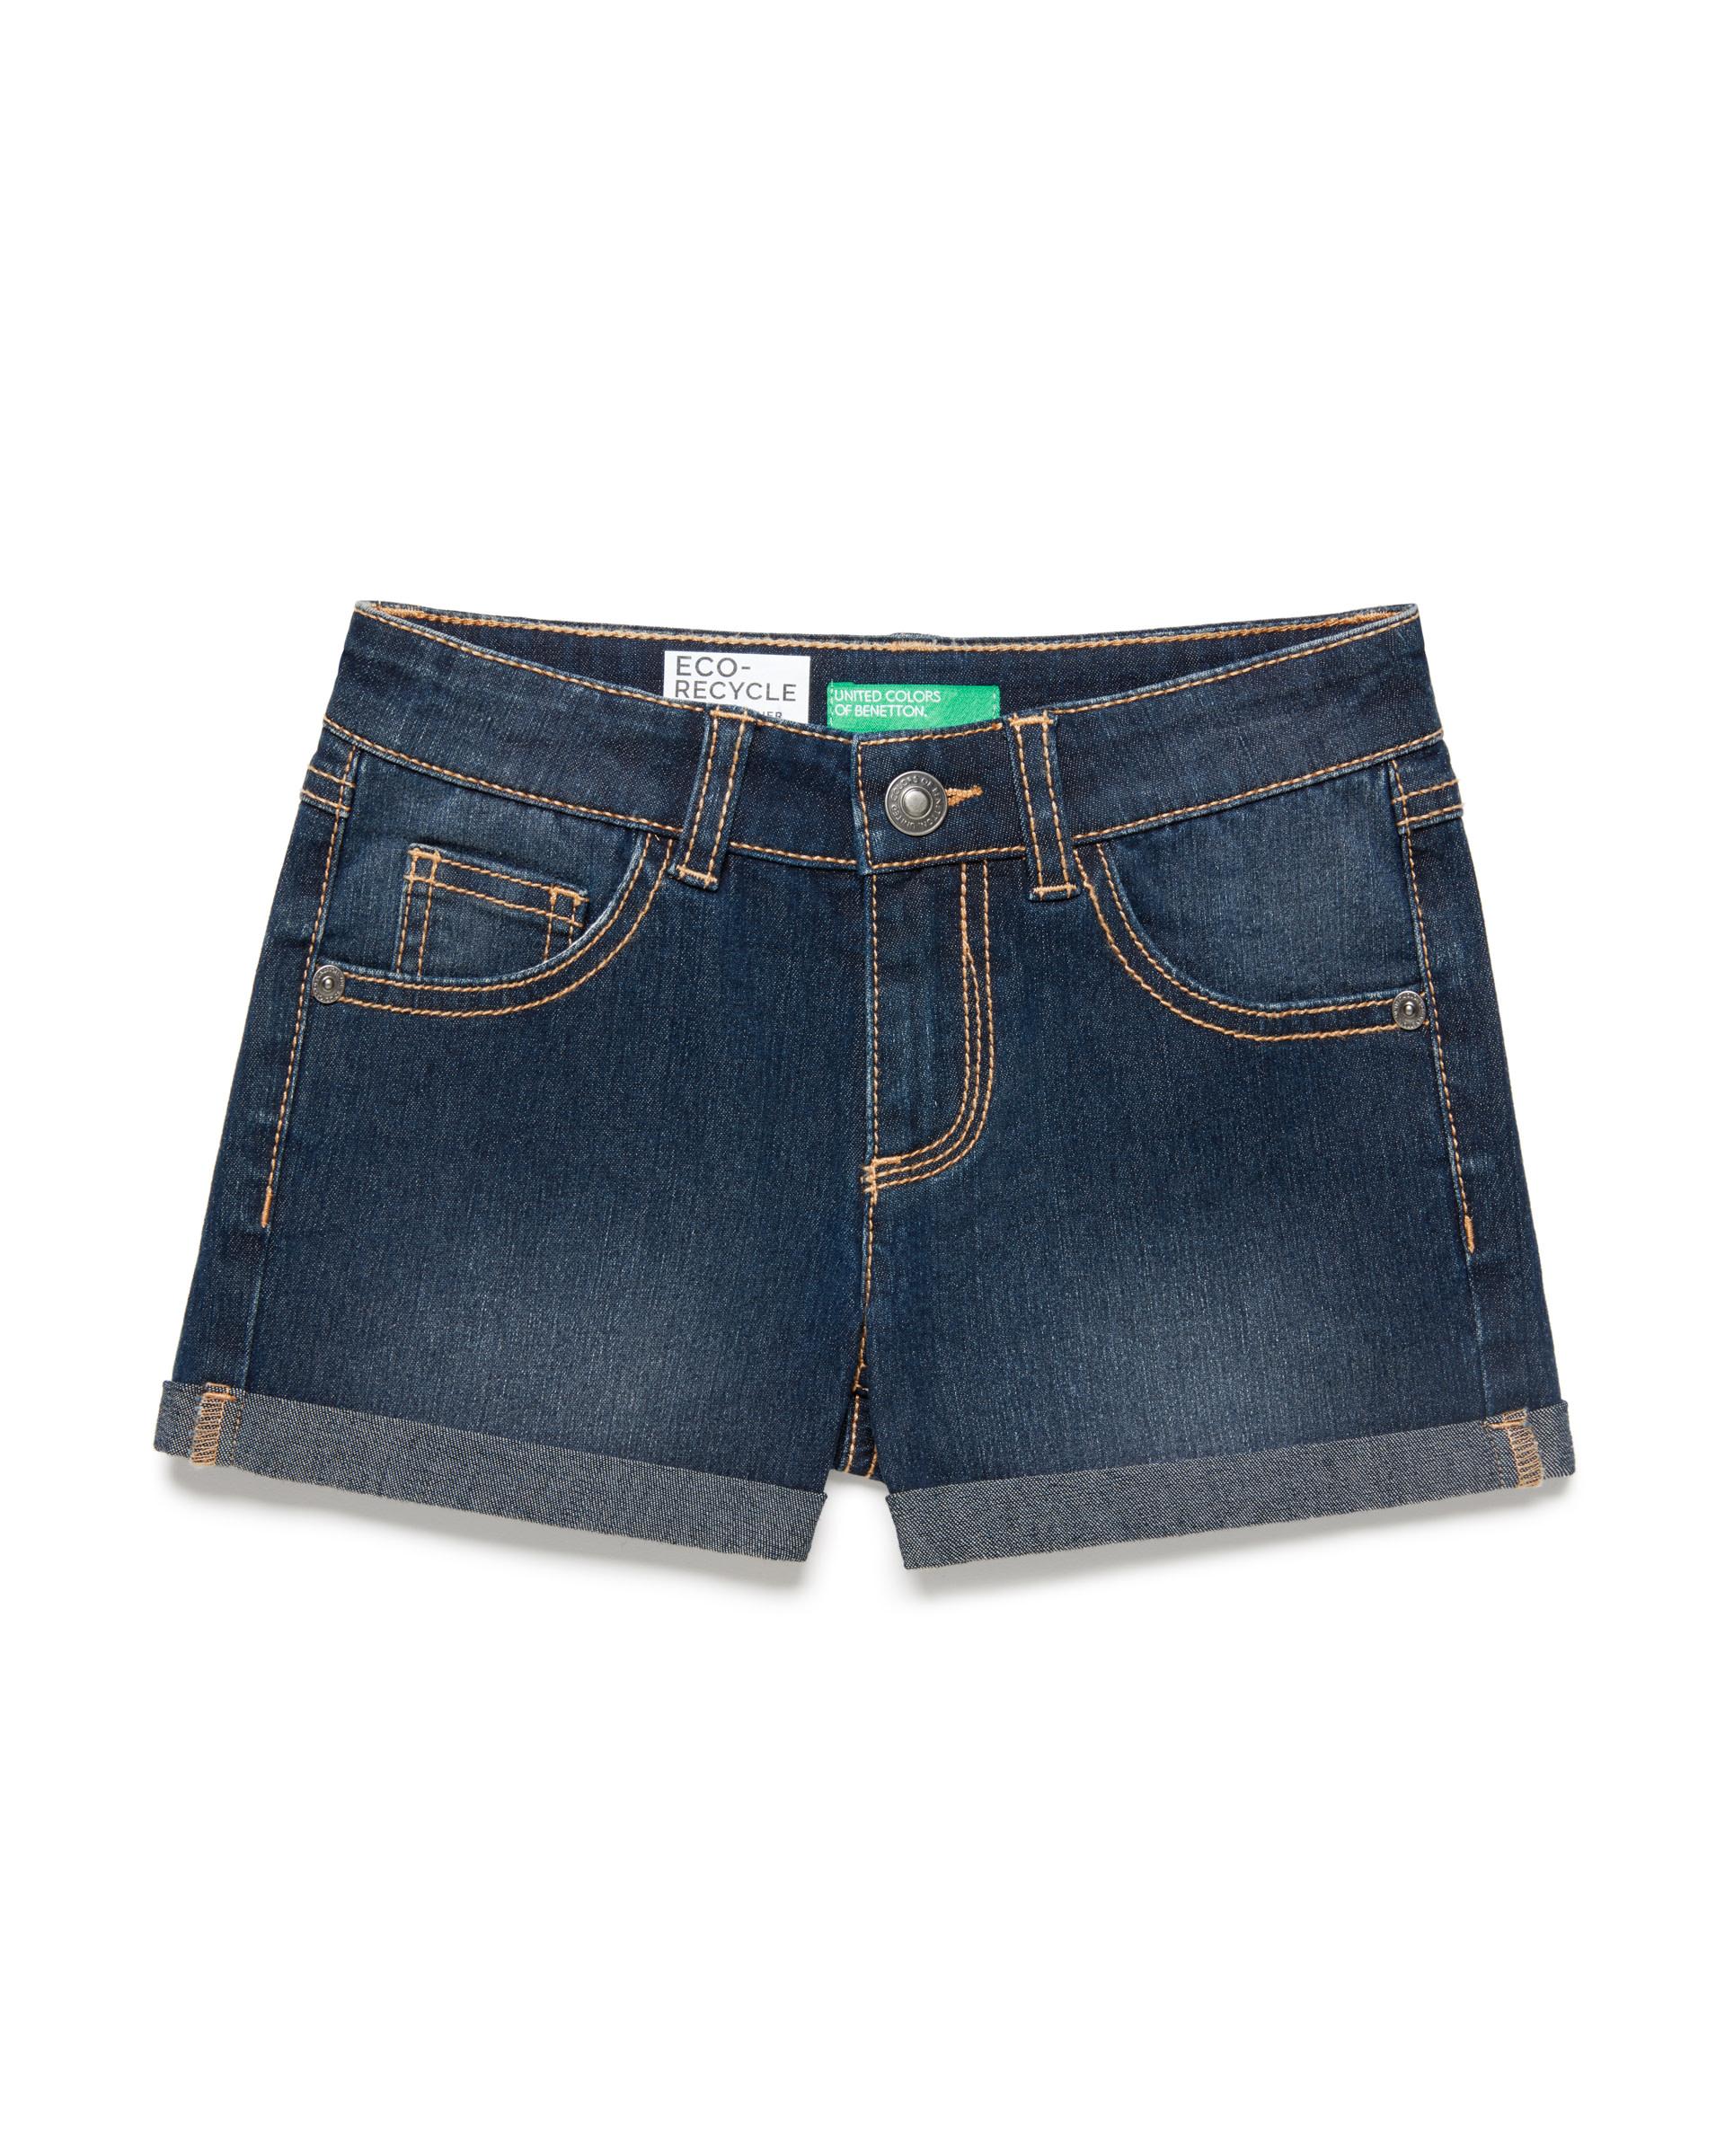 Купить 20P_4XA2597V0_901, Джинсовые шорты для девочек Benetton 4XA2597V0_901 р-р 152, United Colors of Benetton, Шорты для девочек